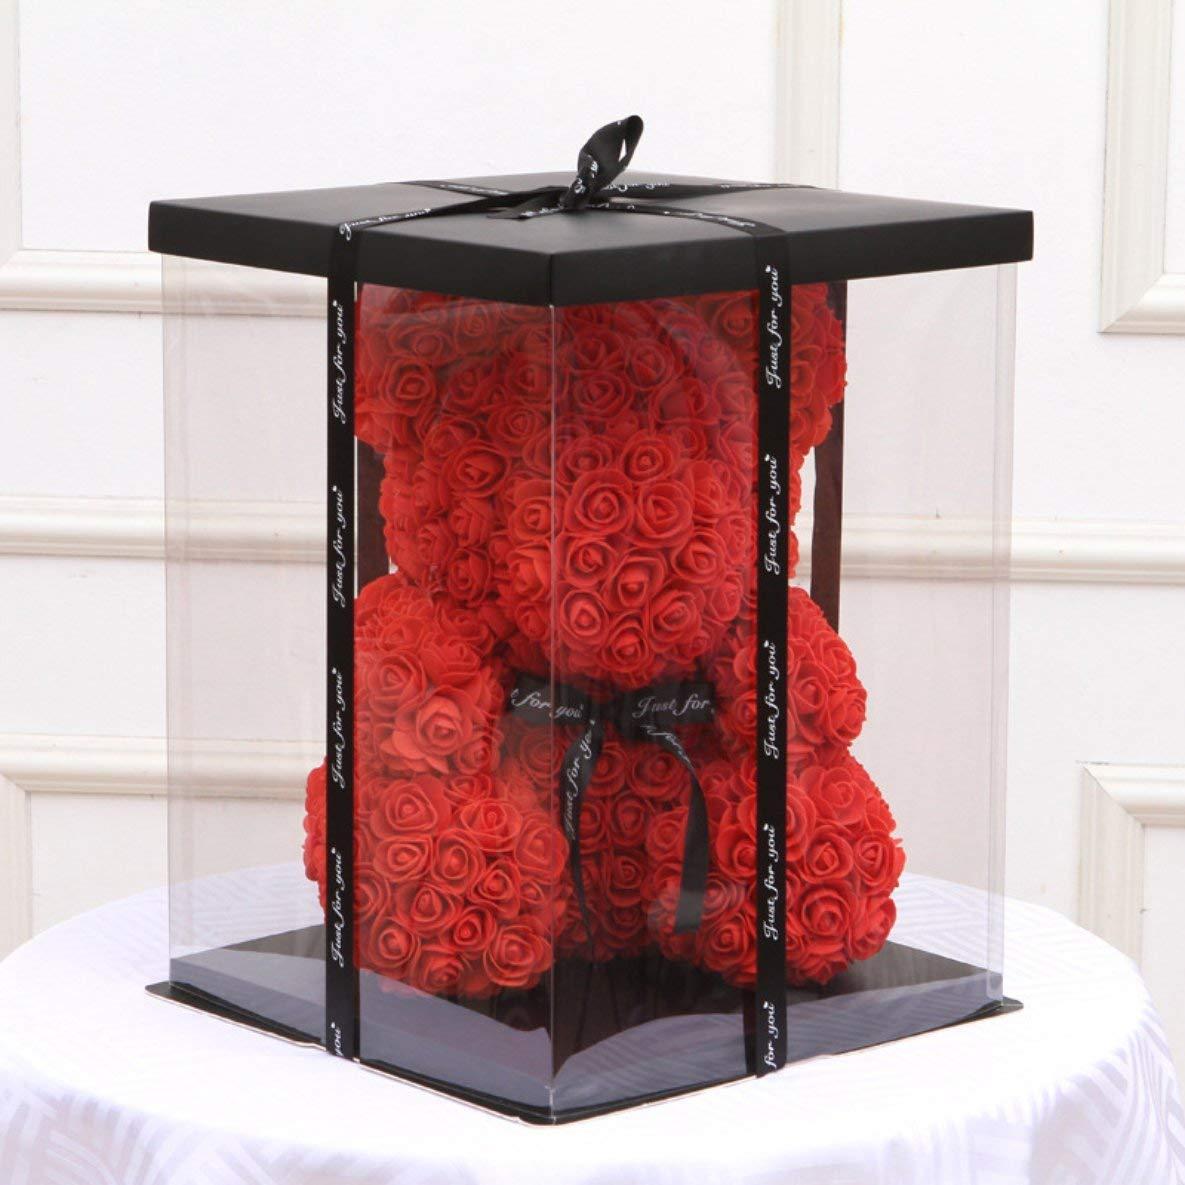 Noradtjcca Bo/îte-Cadeau Vide Transparent pour Ours en Peluche Artificiel Rose Cadeaux de Fleurs bo/îte Femmes Cadeau Ours en Peluche Lapin